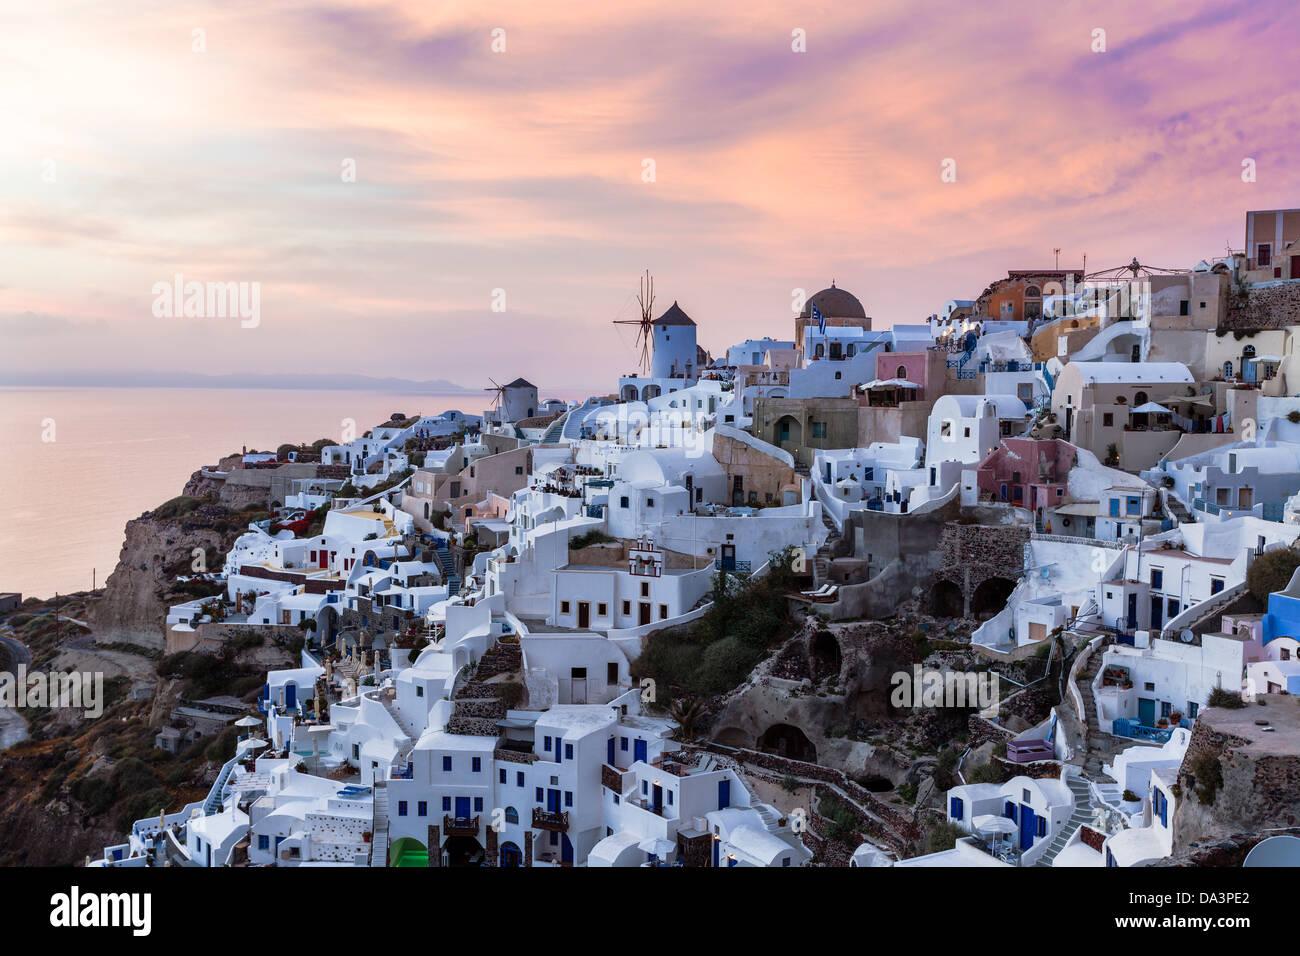 Lebendige Sonnenuntergang über Häuser und Villen in Oia Santorini Griechenland Stockbild